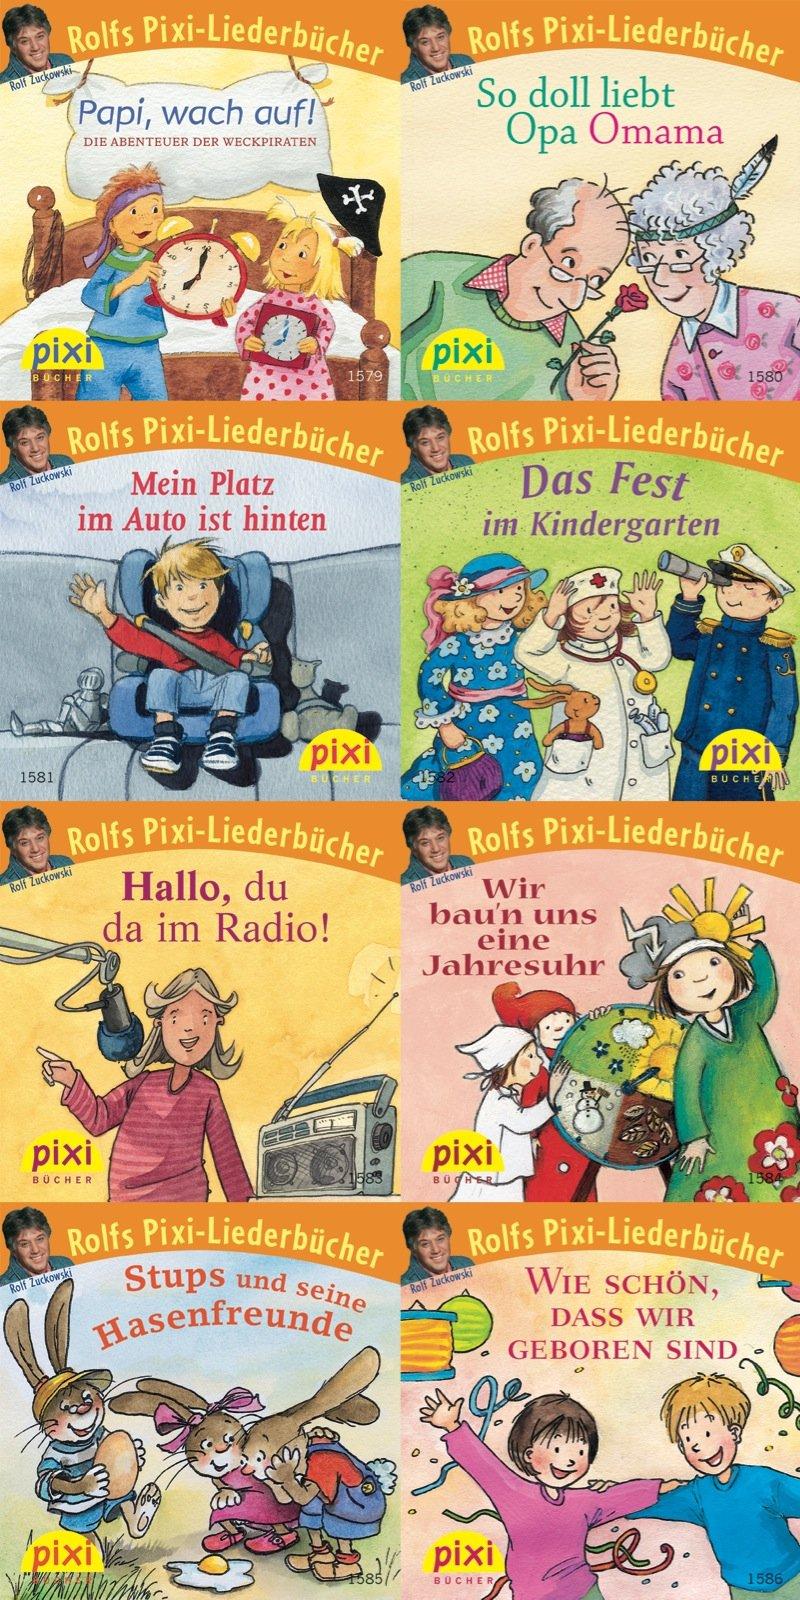 Pixi-Bundle 8er Serie 176: Rolfs Pixi-Liederbücher